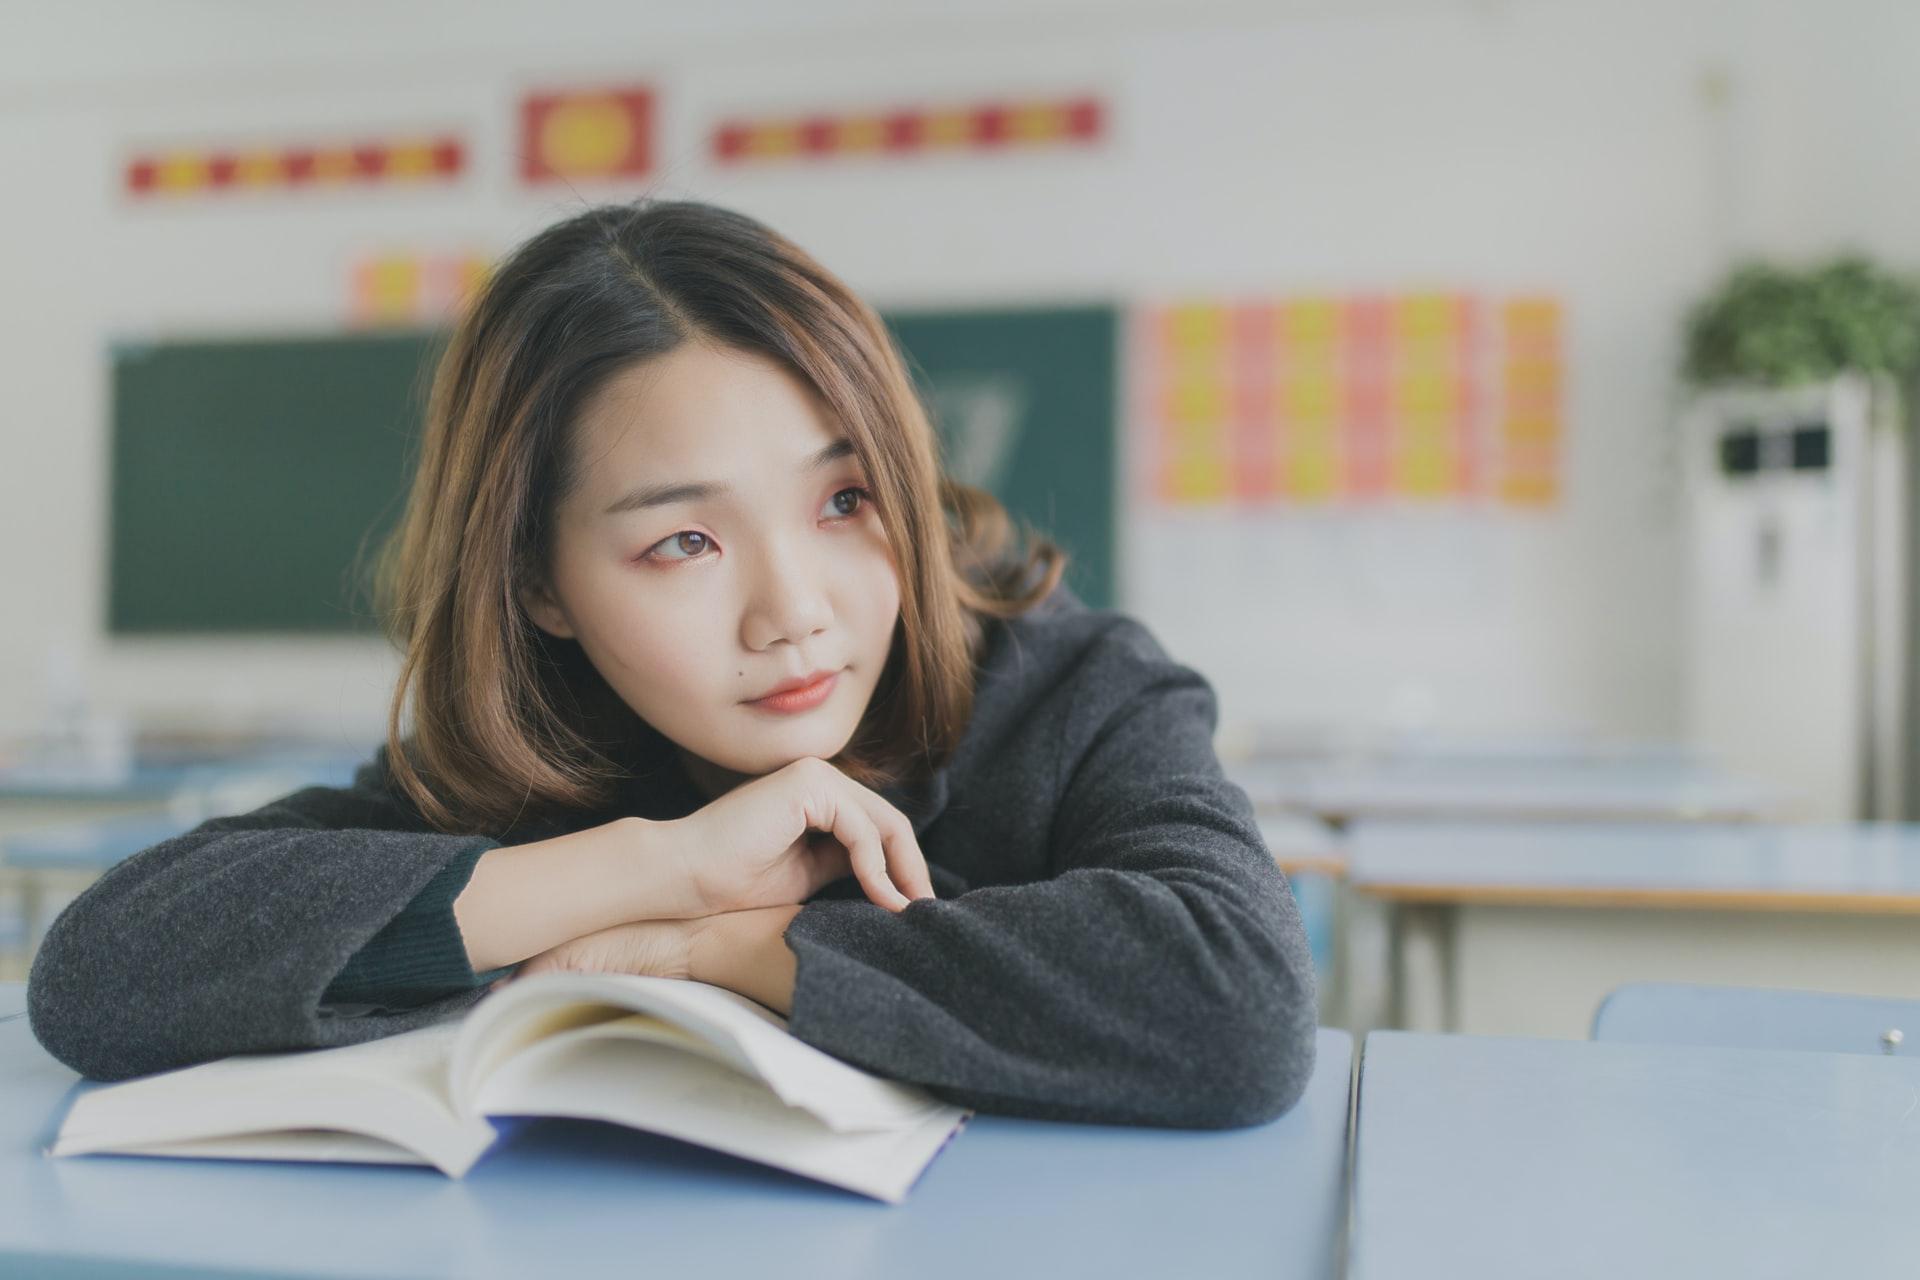 「【大学受験】英語の文法の勉強方法とおすすめ参考書!ゼロから学べる」のアイキャッチ画像